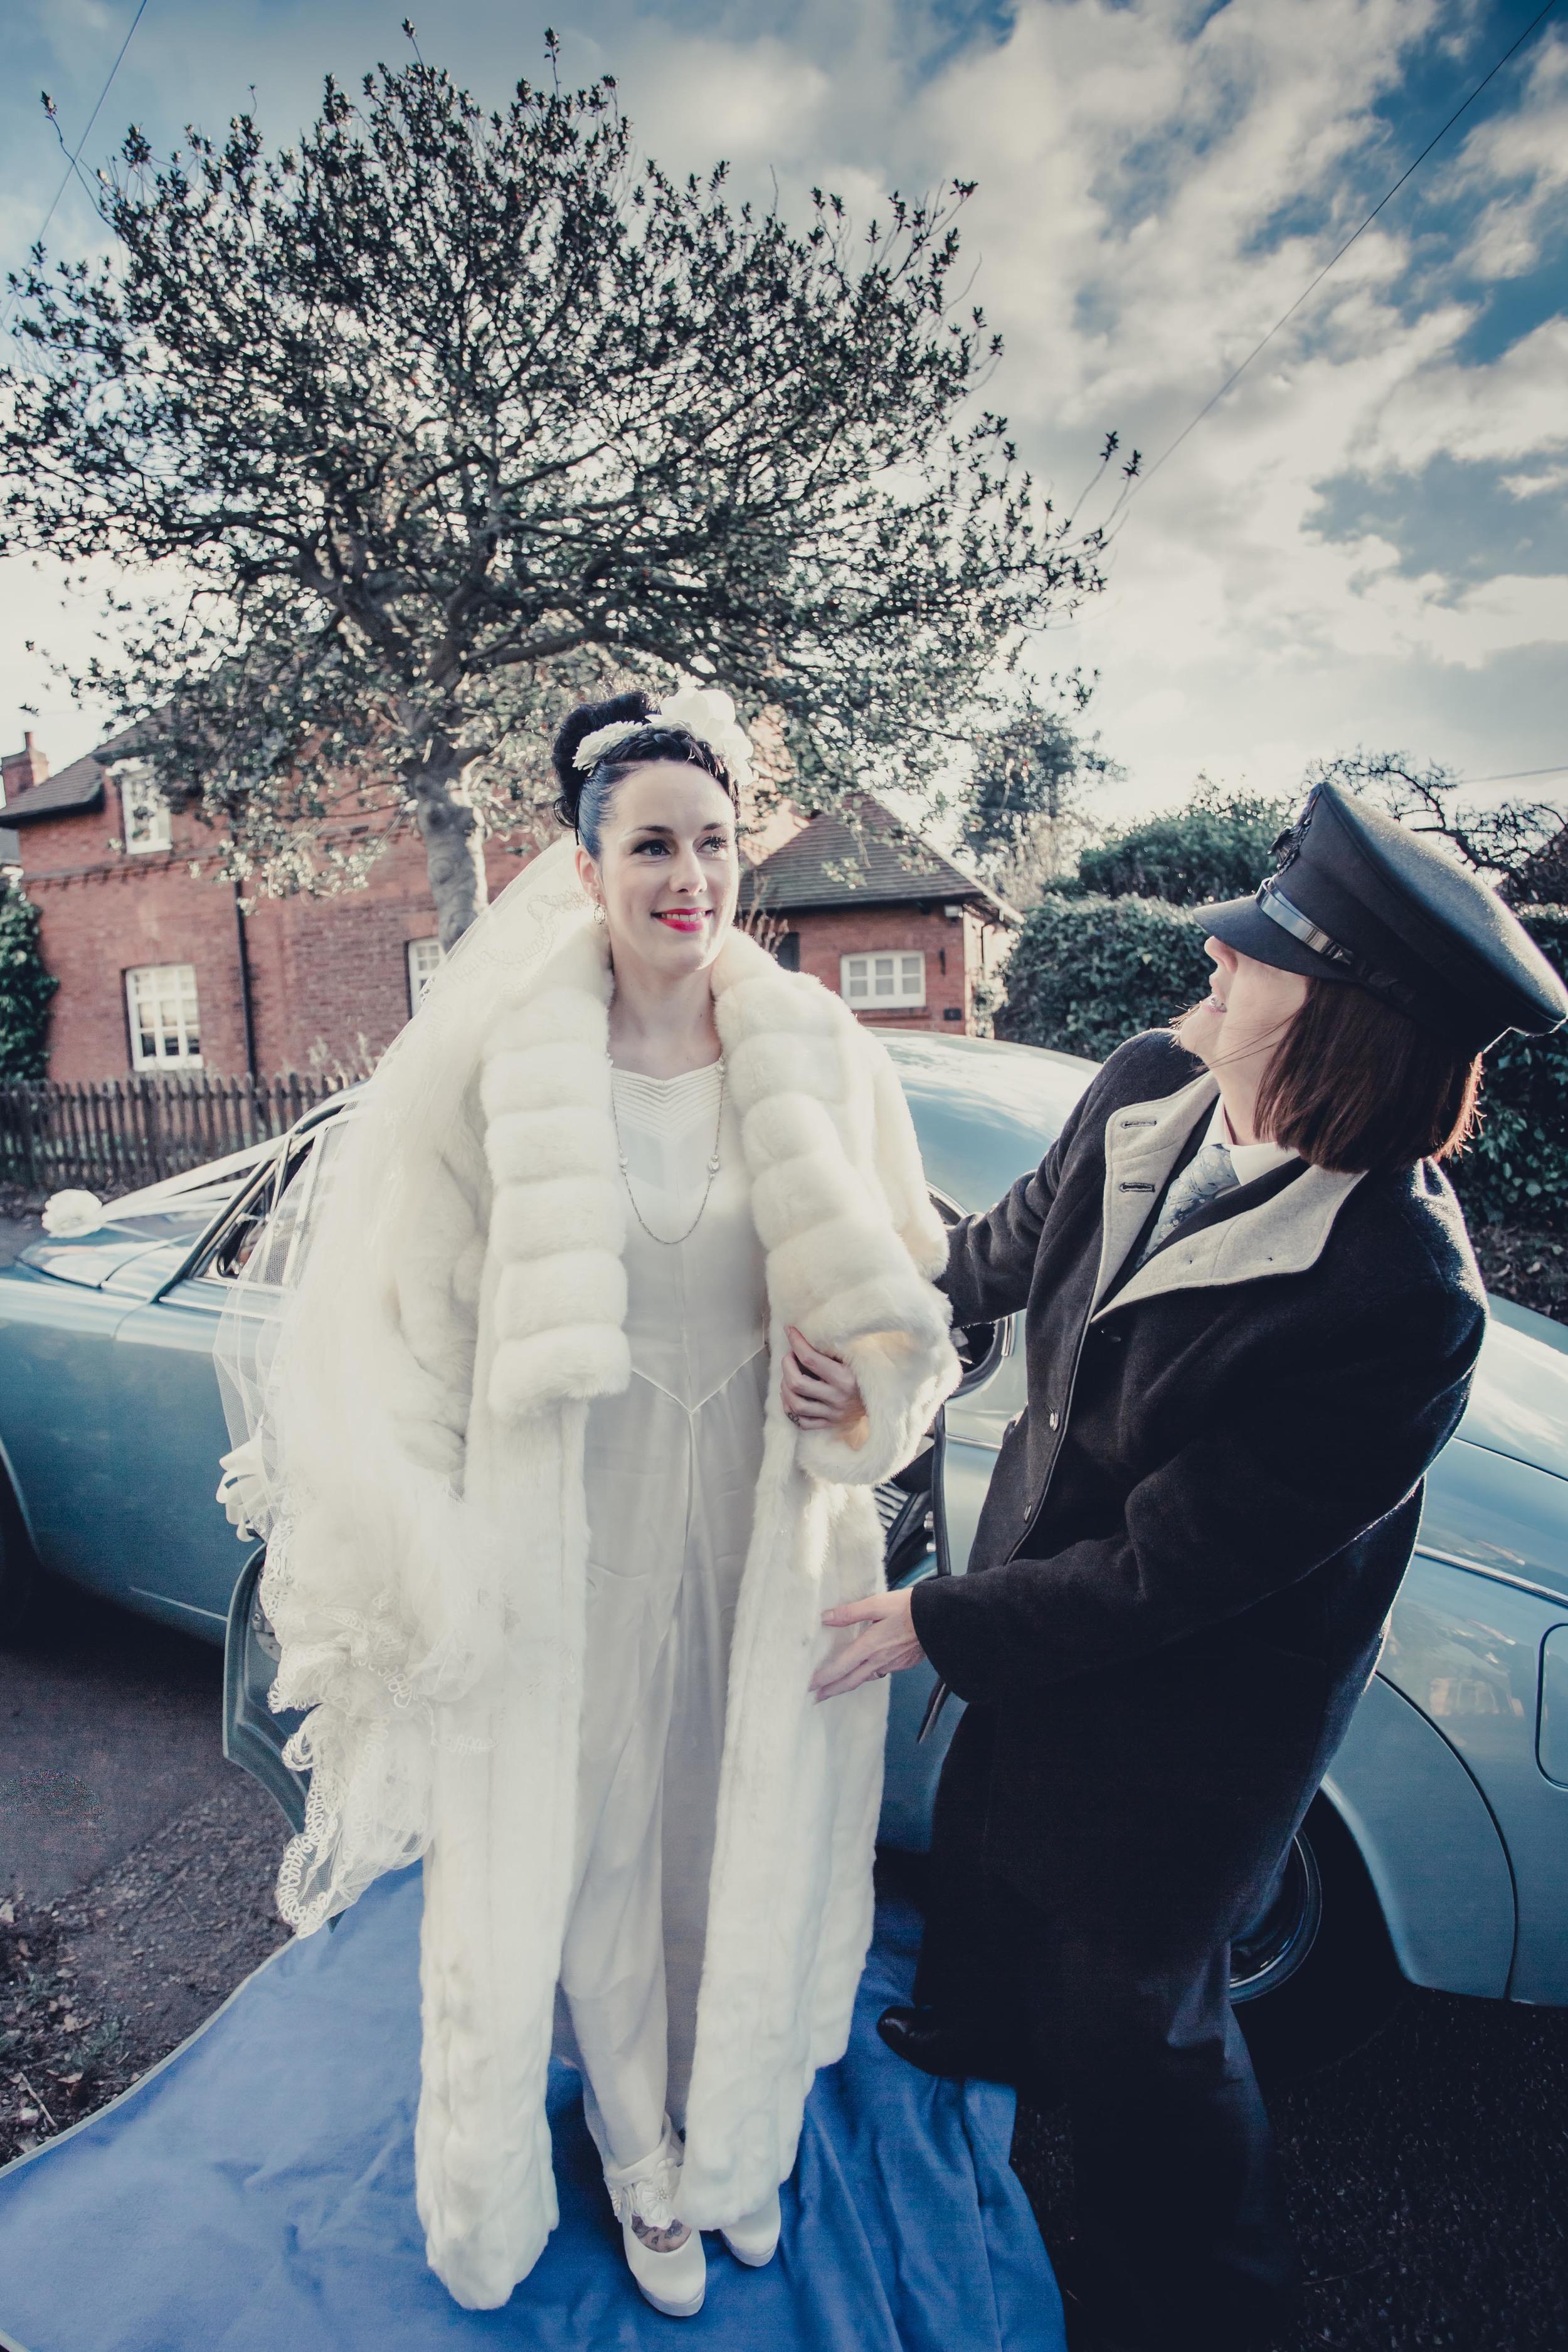 069 - Angela and Karls Wedding by www.markpugh.com -6634.jpg